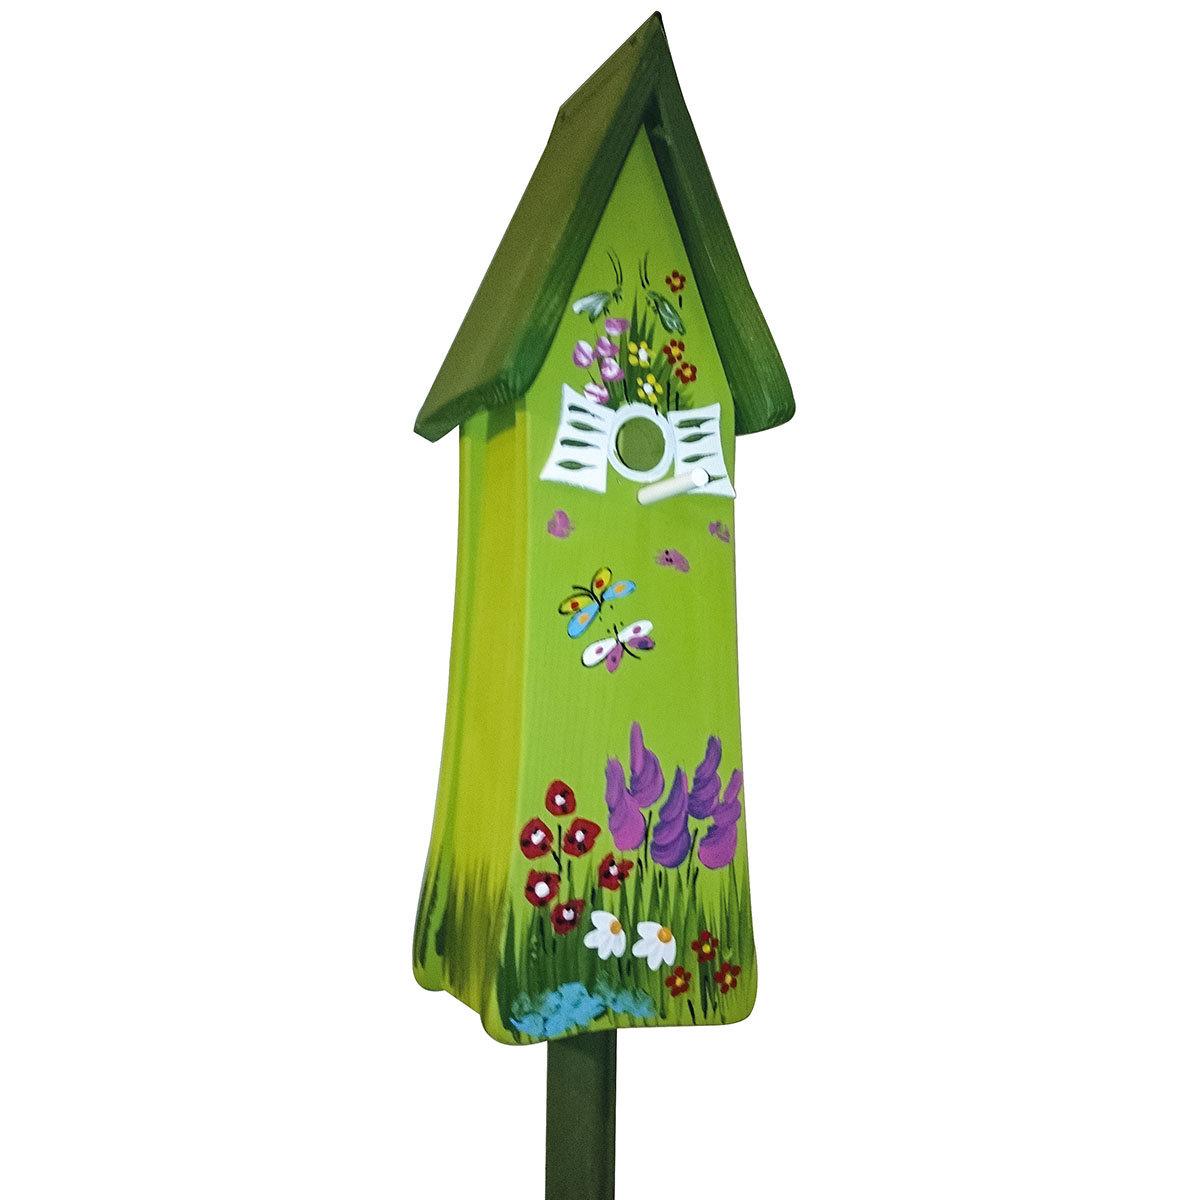 Nistkasten Nistturm Gartenzauber, grün